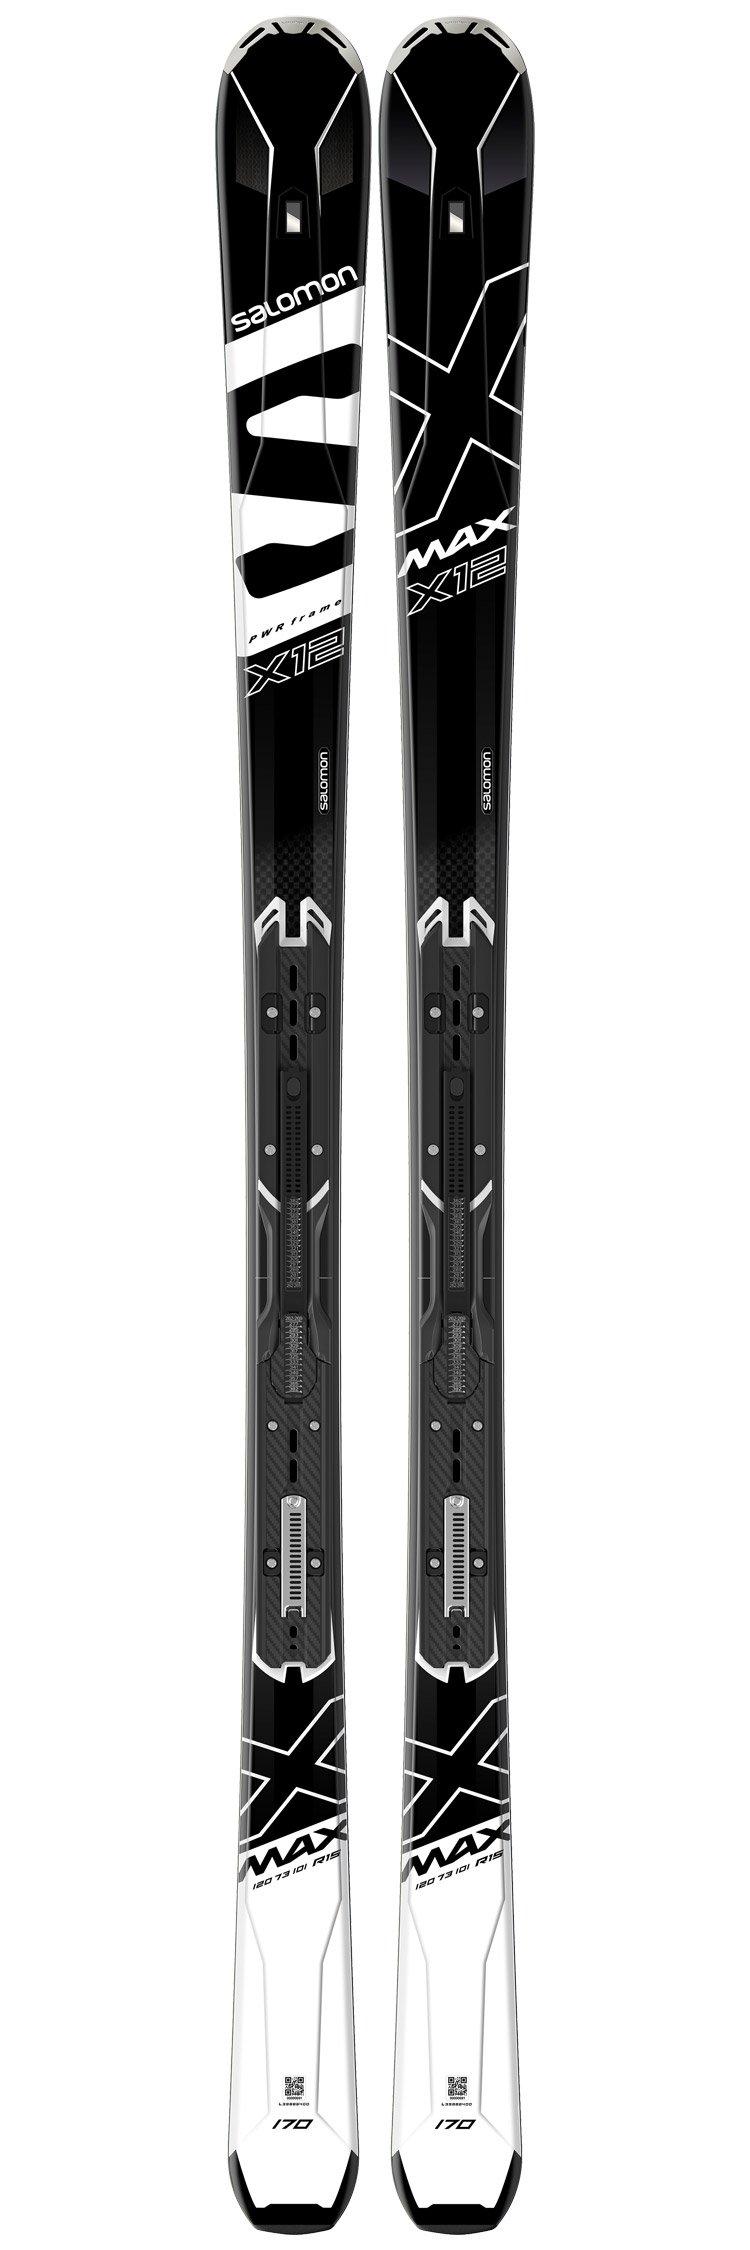 Pack Alpiene Ski X Max X12 + binding